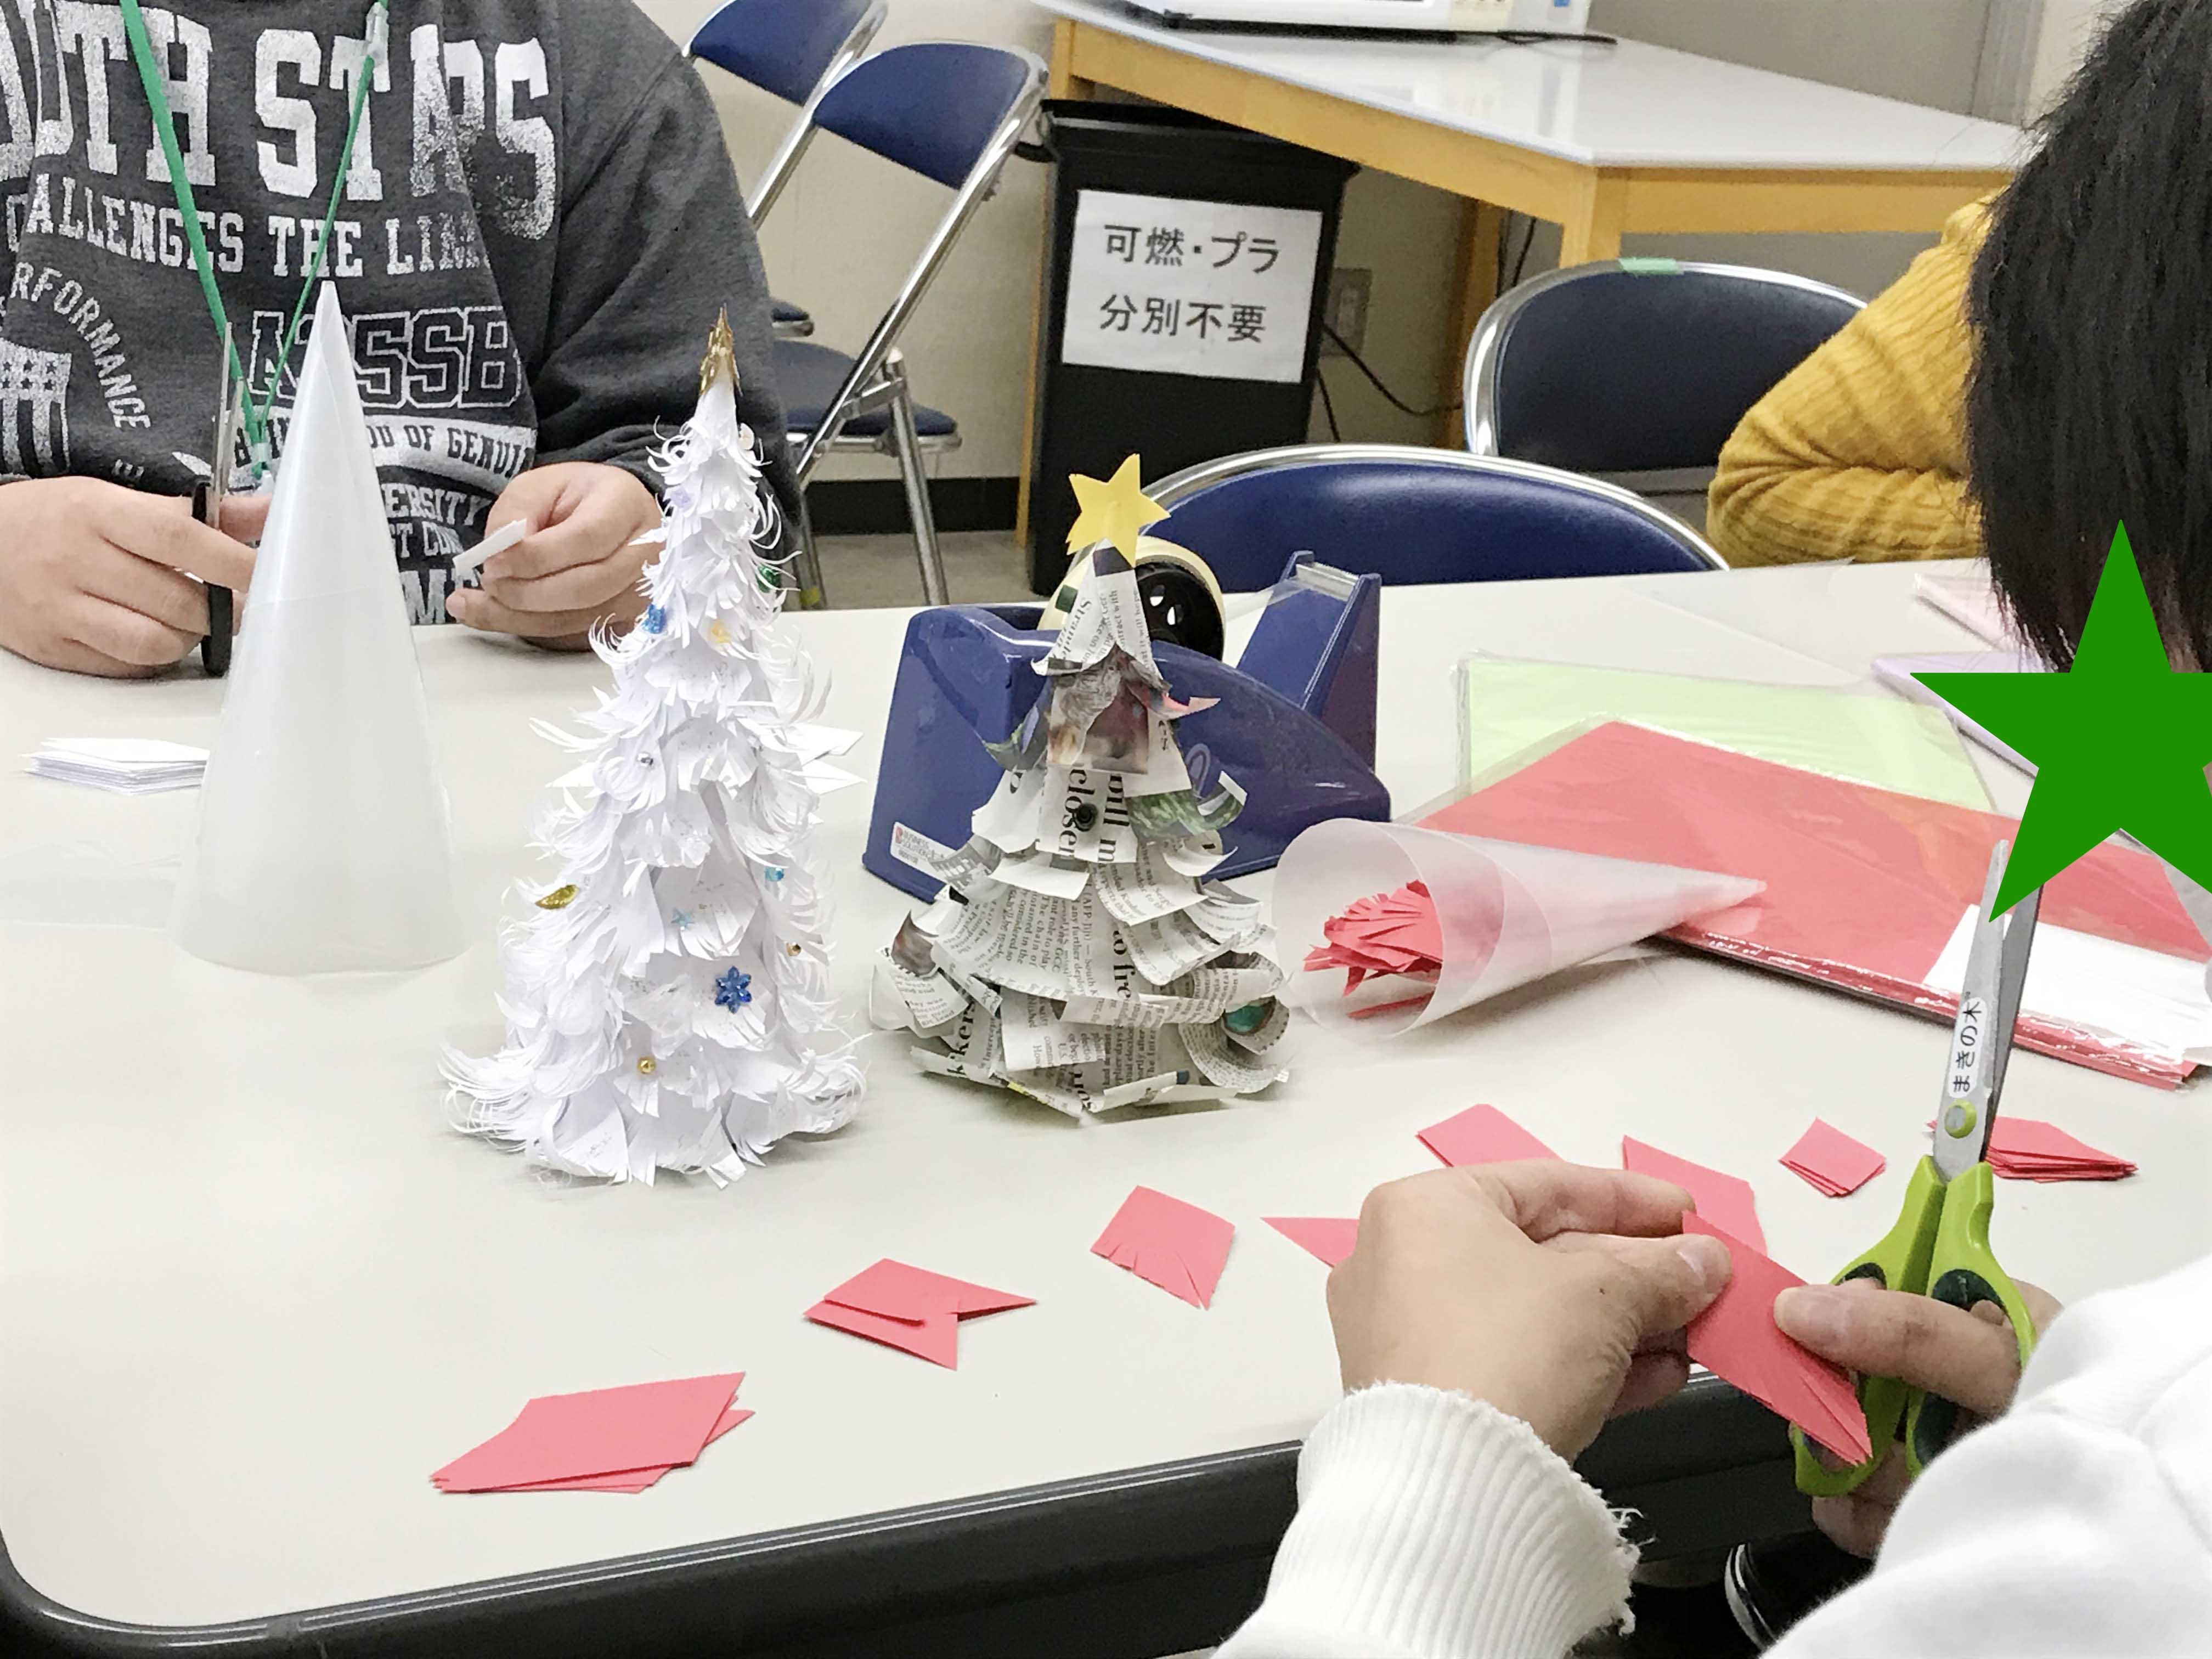 テーブル中央にはプラスチックの円錐と紙で覆われた見本